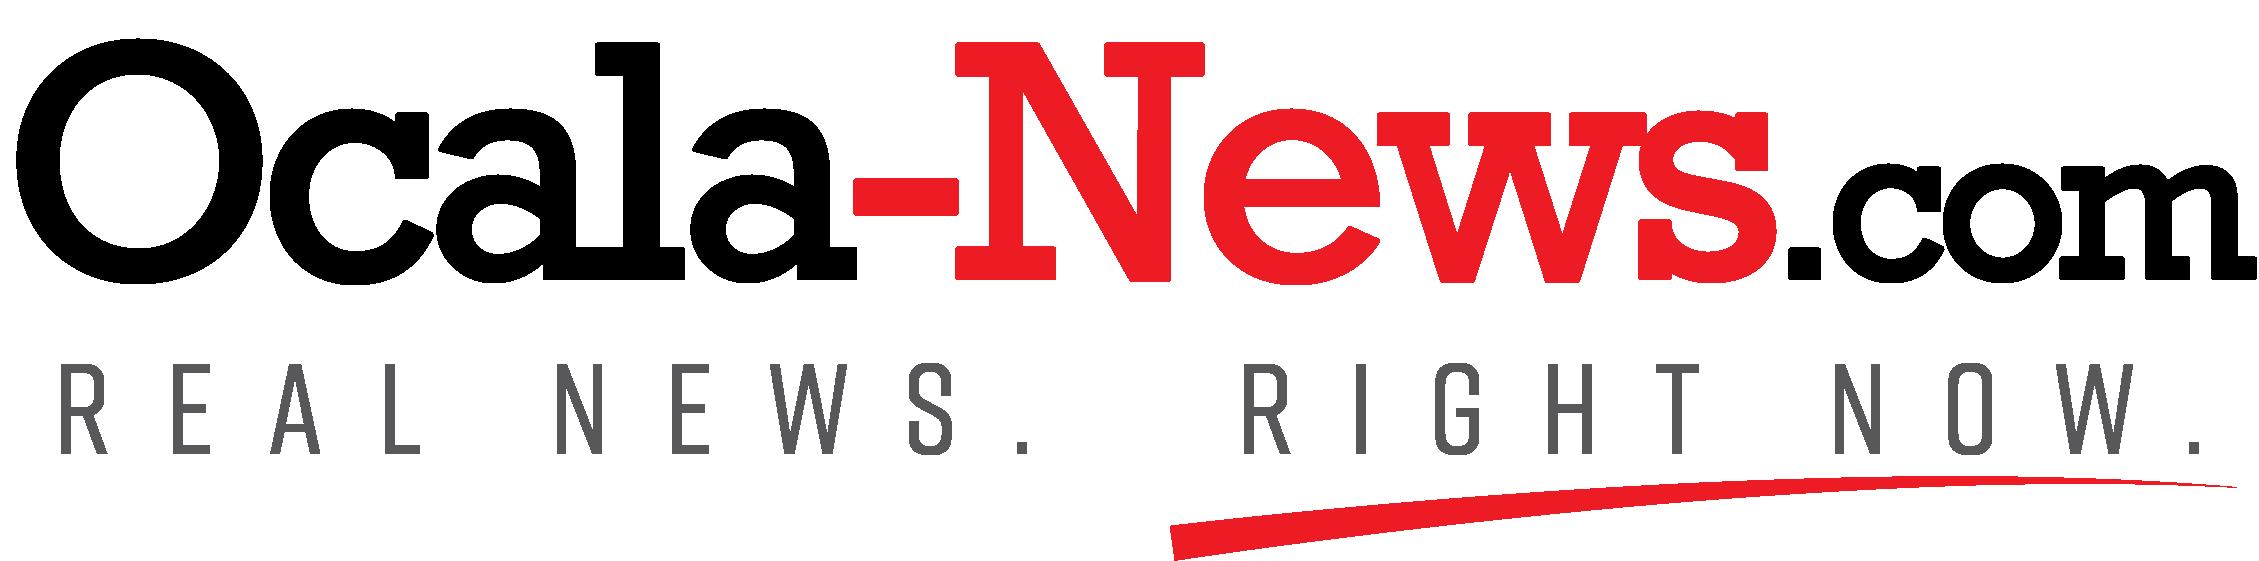 Ocala-News.com